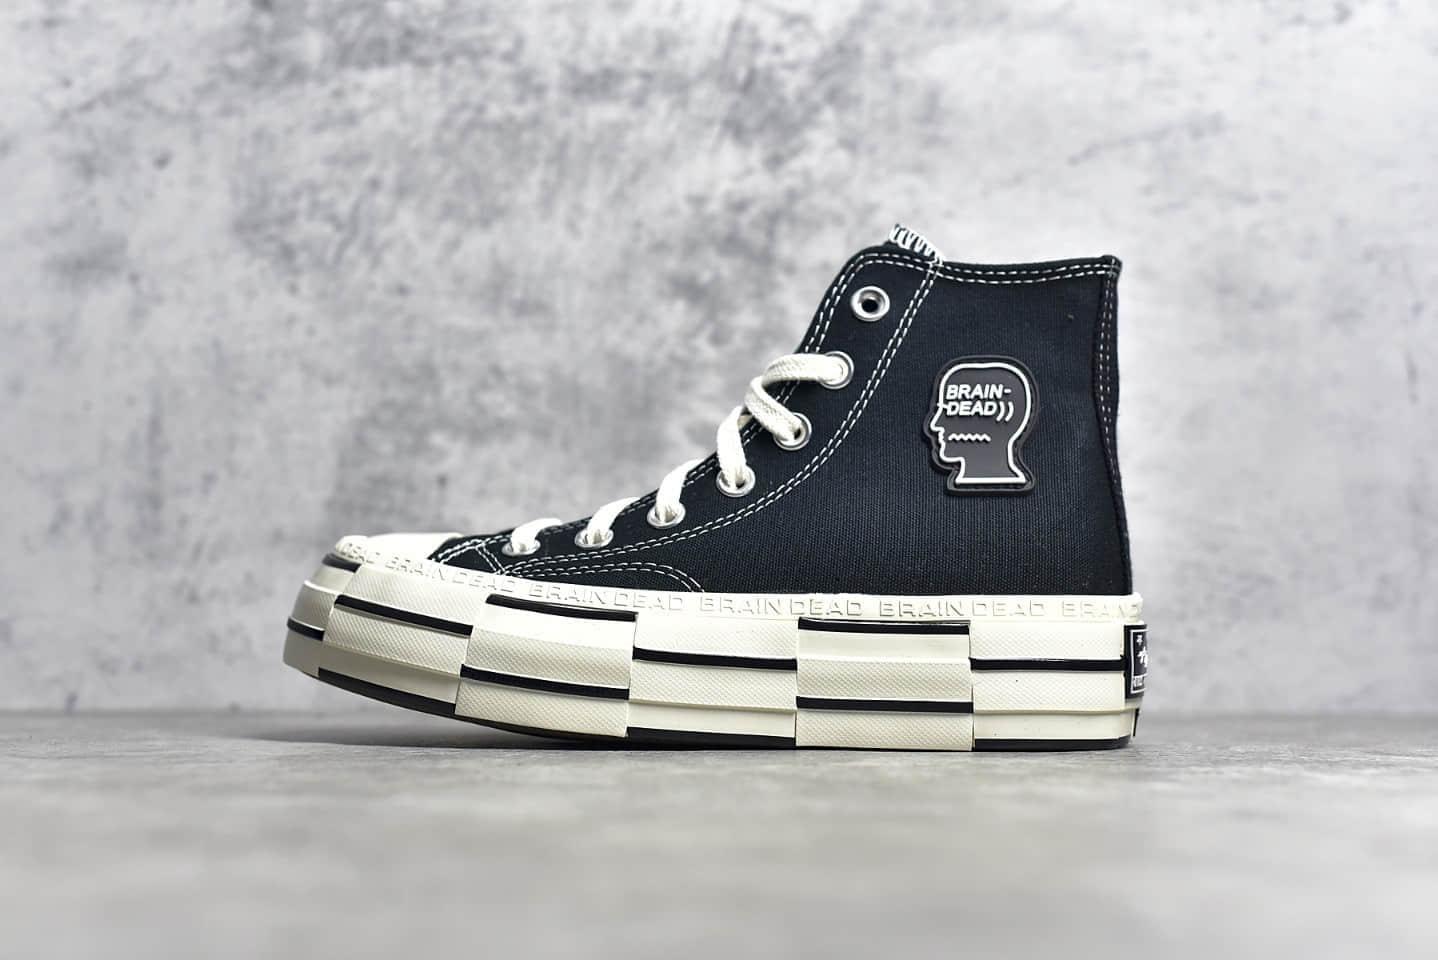 匡威脑死亡黑色解构高帮帆布鞋 Brain Dead x Converse Chuck Lift 1970 Hi 2.0 匡威厚底板鞋 货号:170549C-潮流者之家